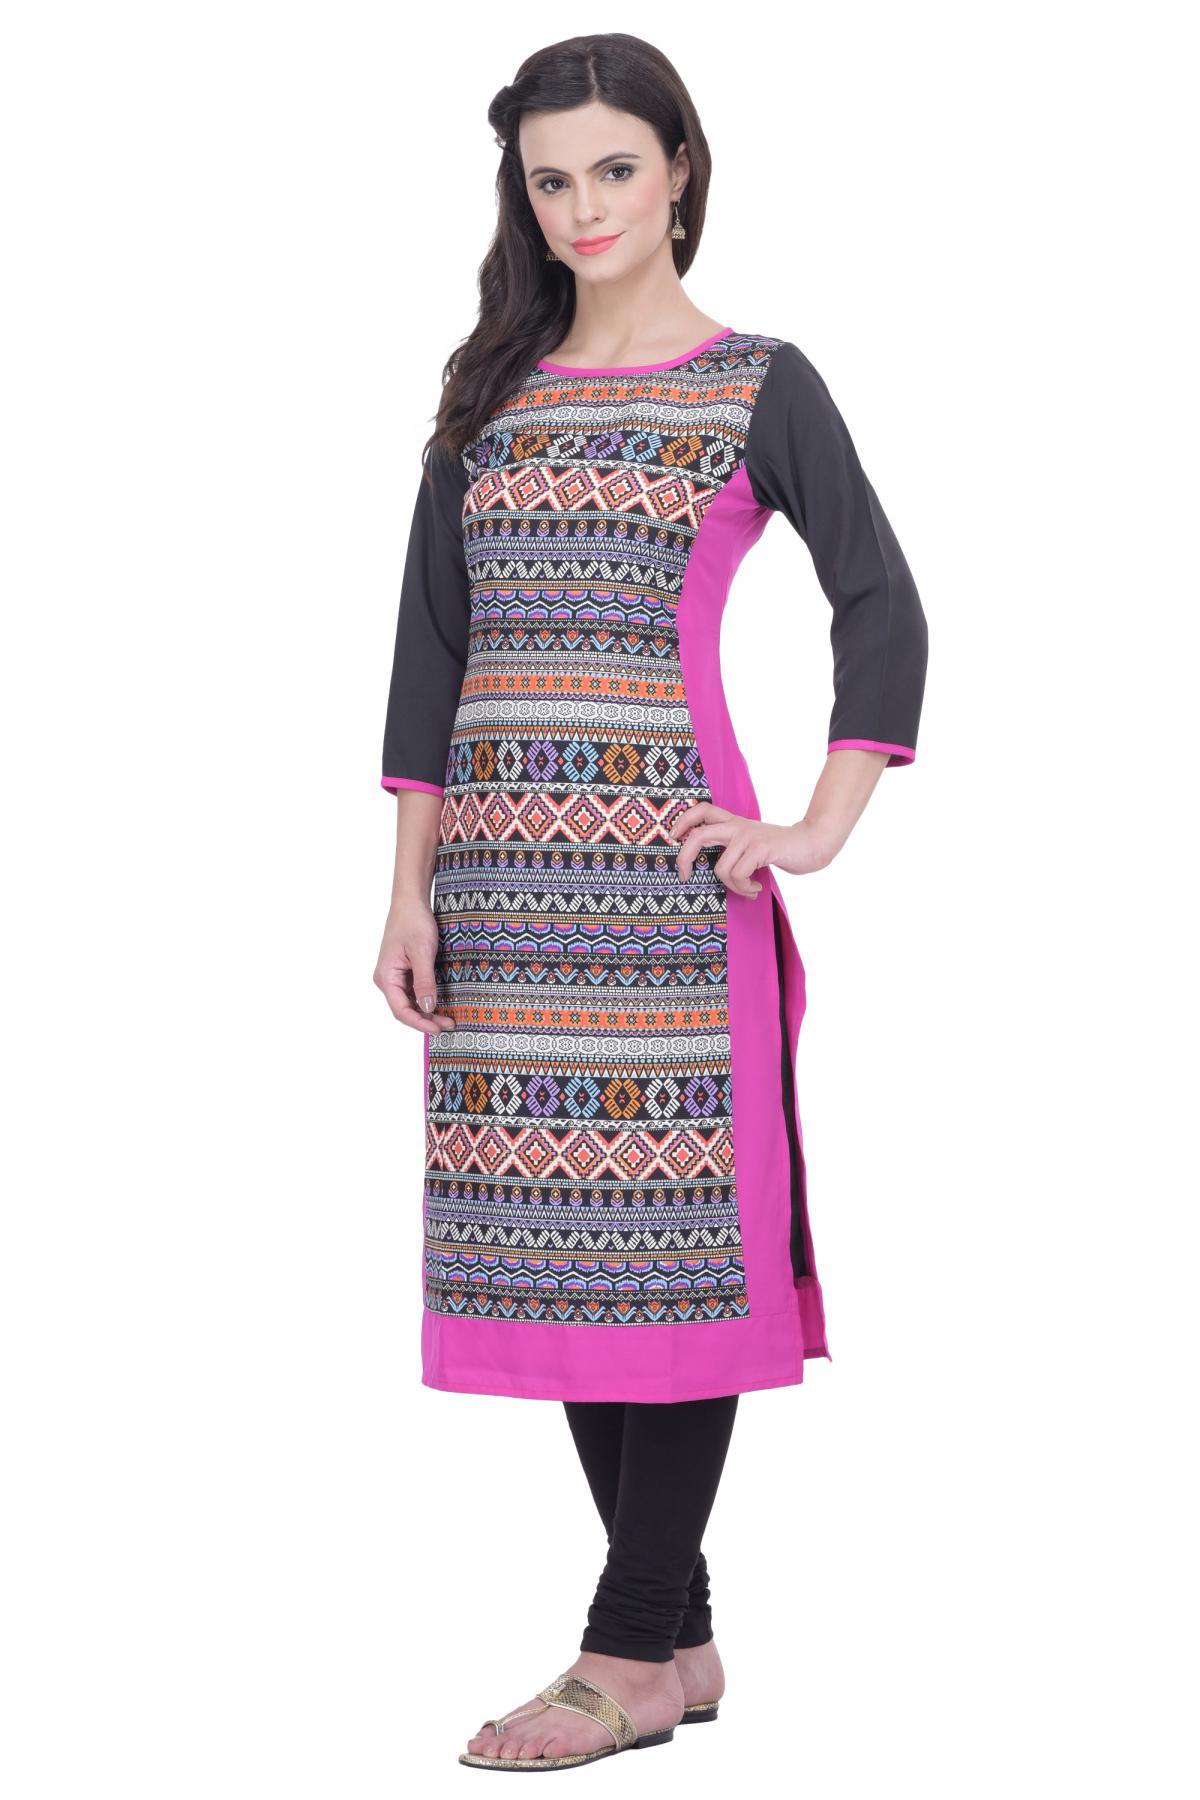 Fashion Dress Person #76427